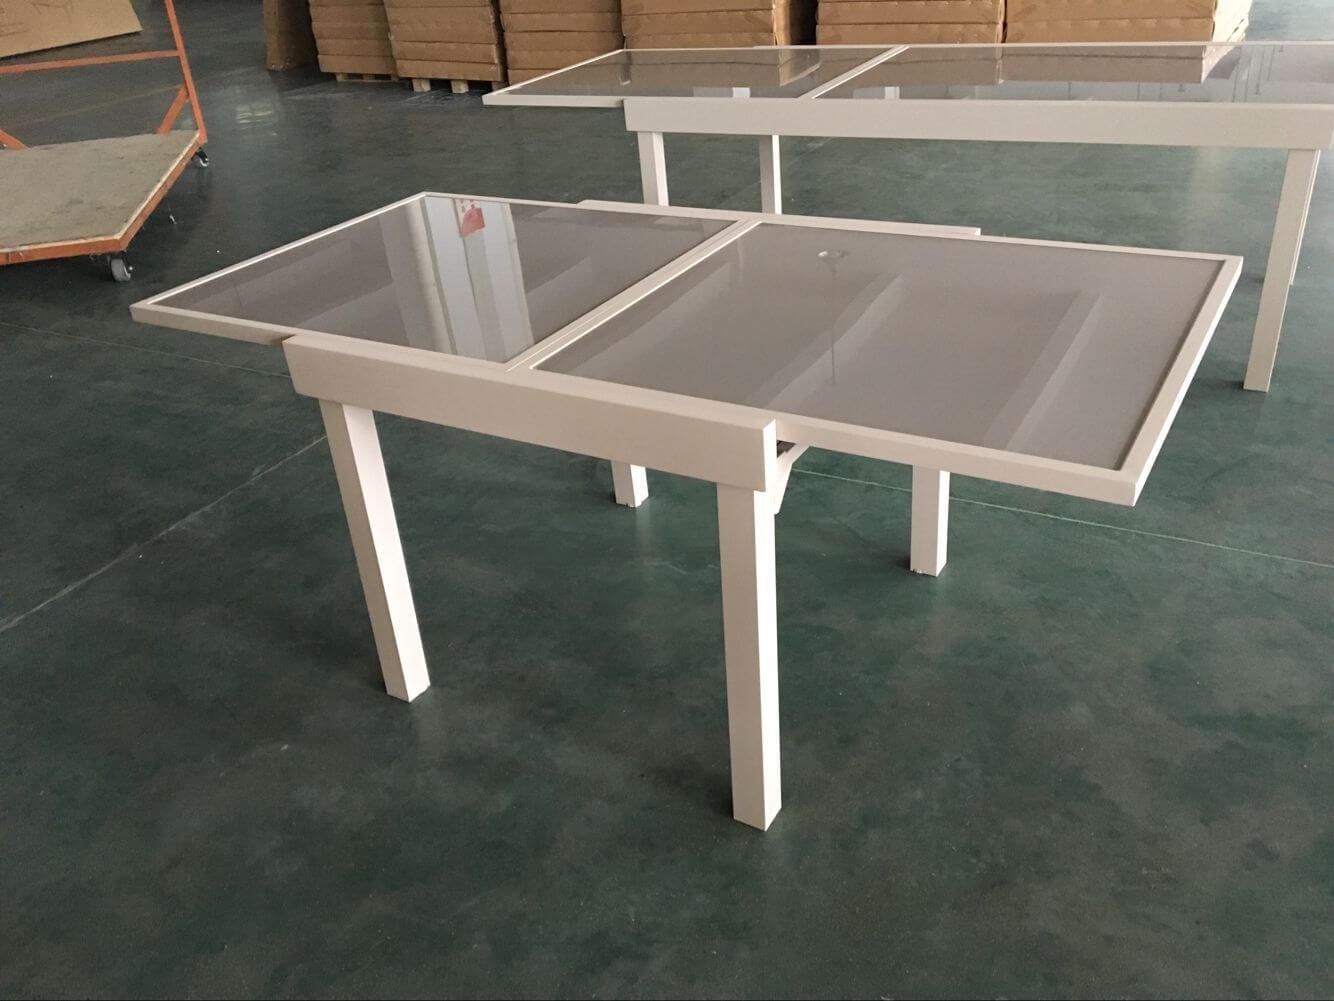 שולחן אלומיניום נפתח 90x90/180 צבע בז' + 4 כסאות מרופדים